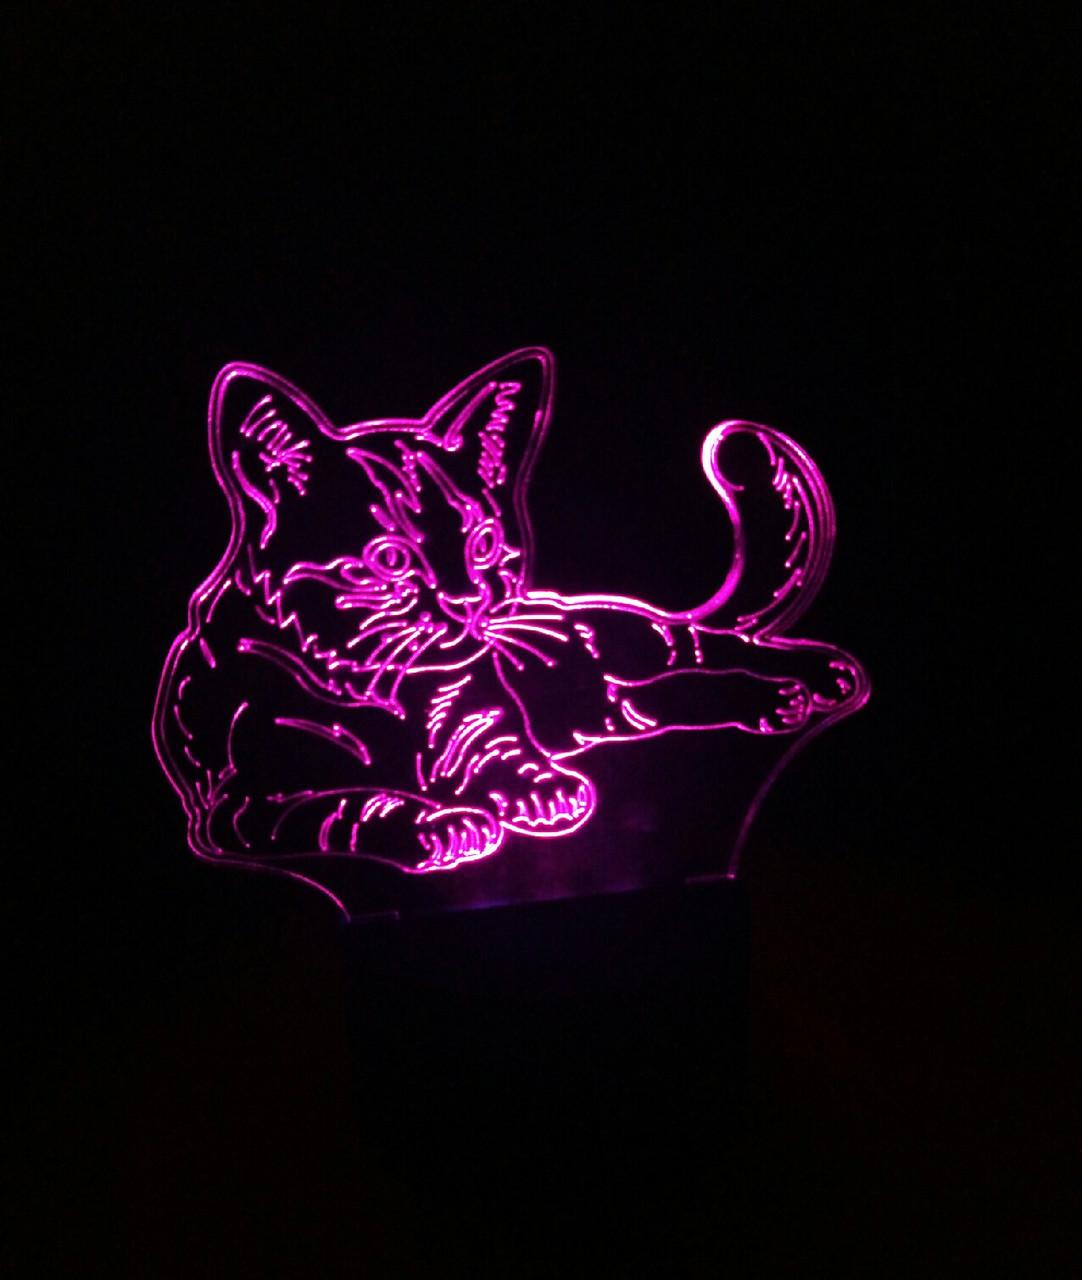 3d-светильник Кот кошка, 3д-ночник, несколько подсветок (на пульте)